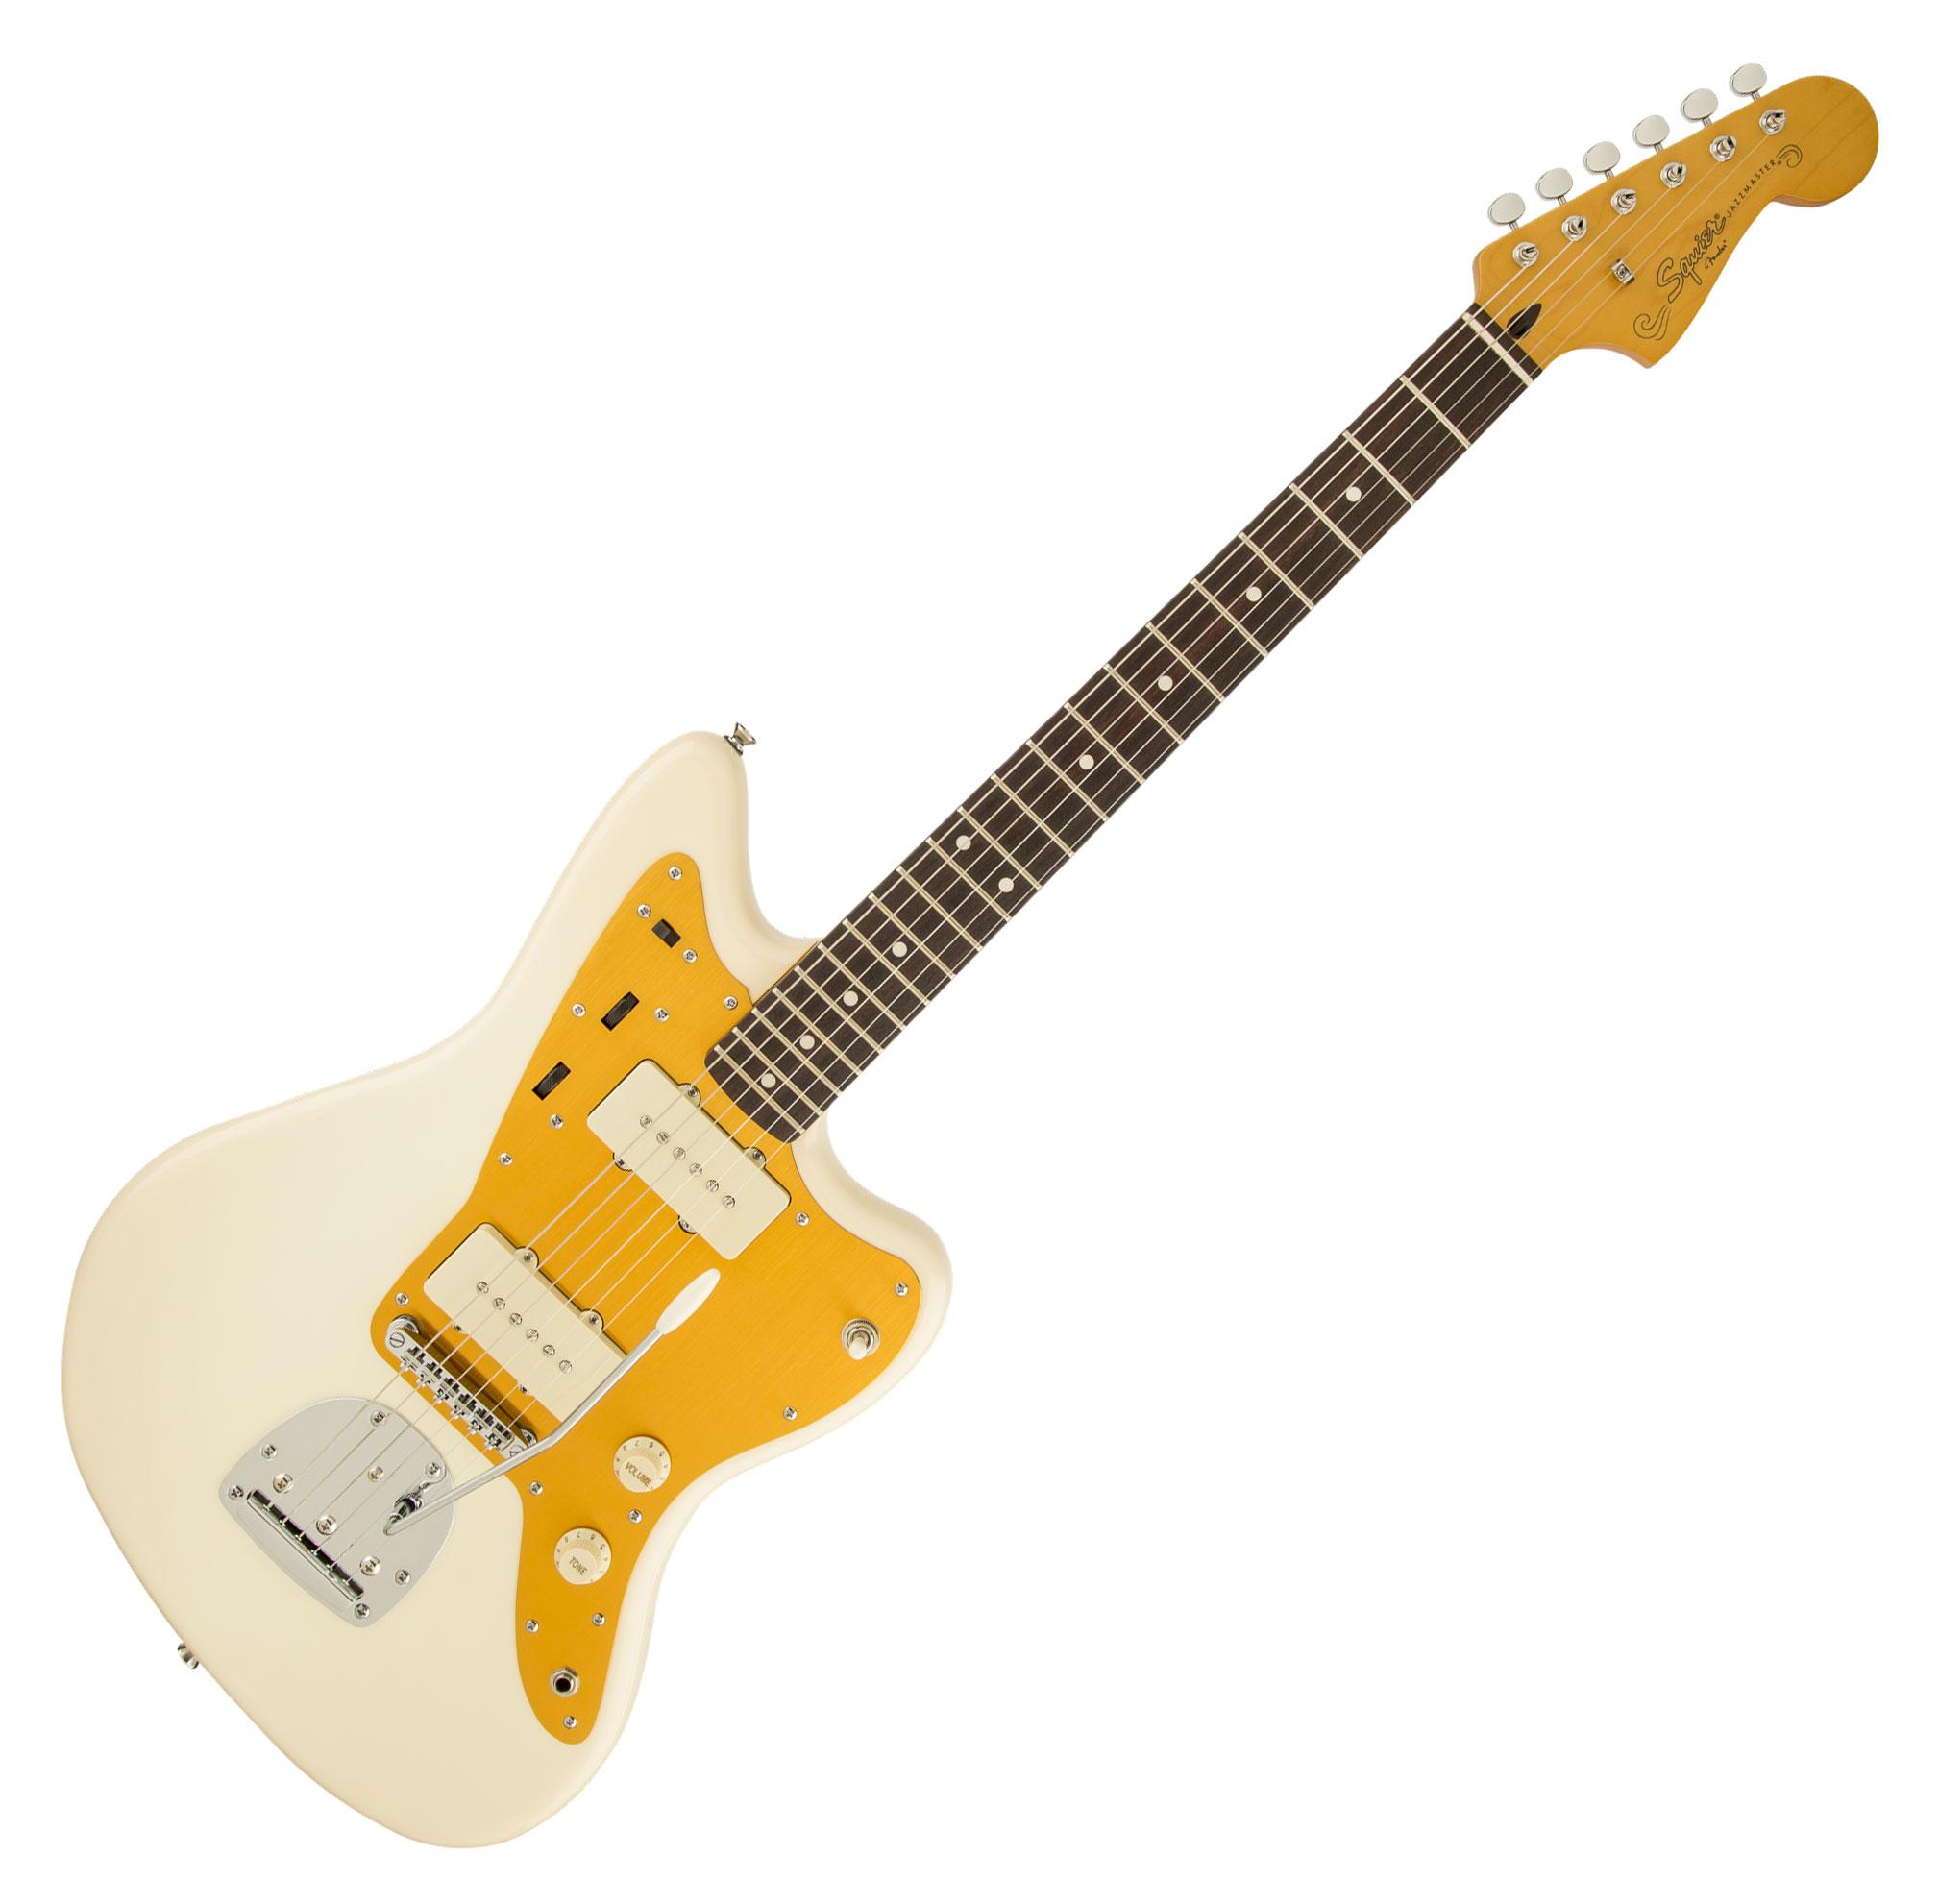 Egitarren - Fender Squier J Mascis Jazzmaster VWH - Onlineshop Musikhaus Kirstein